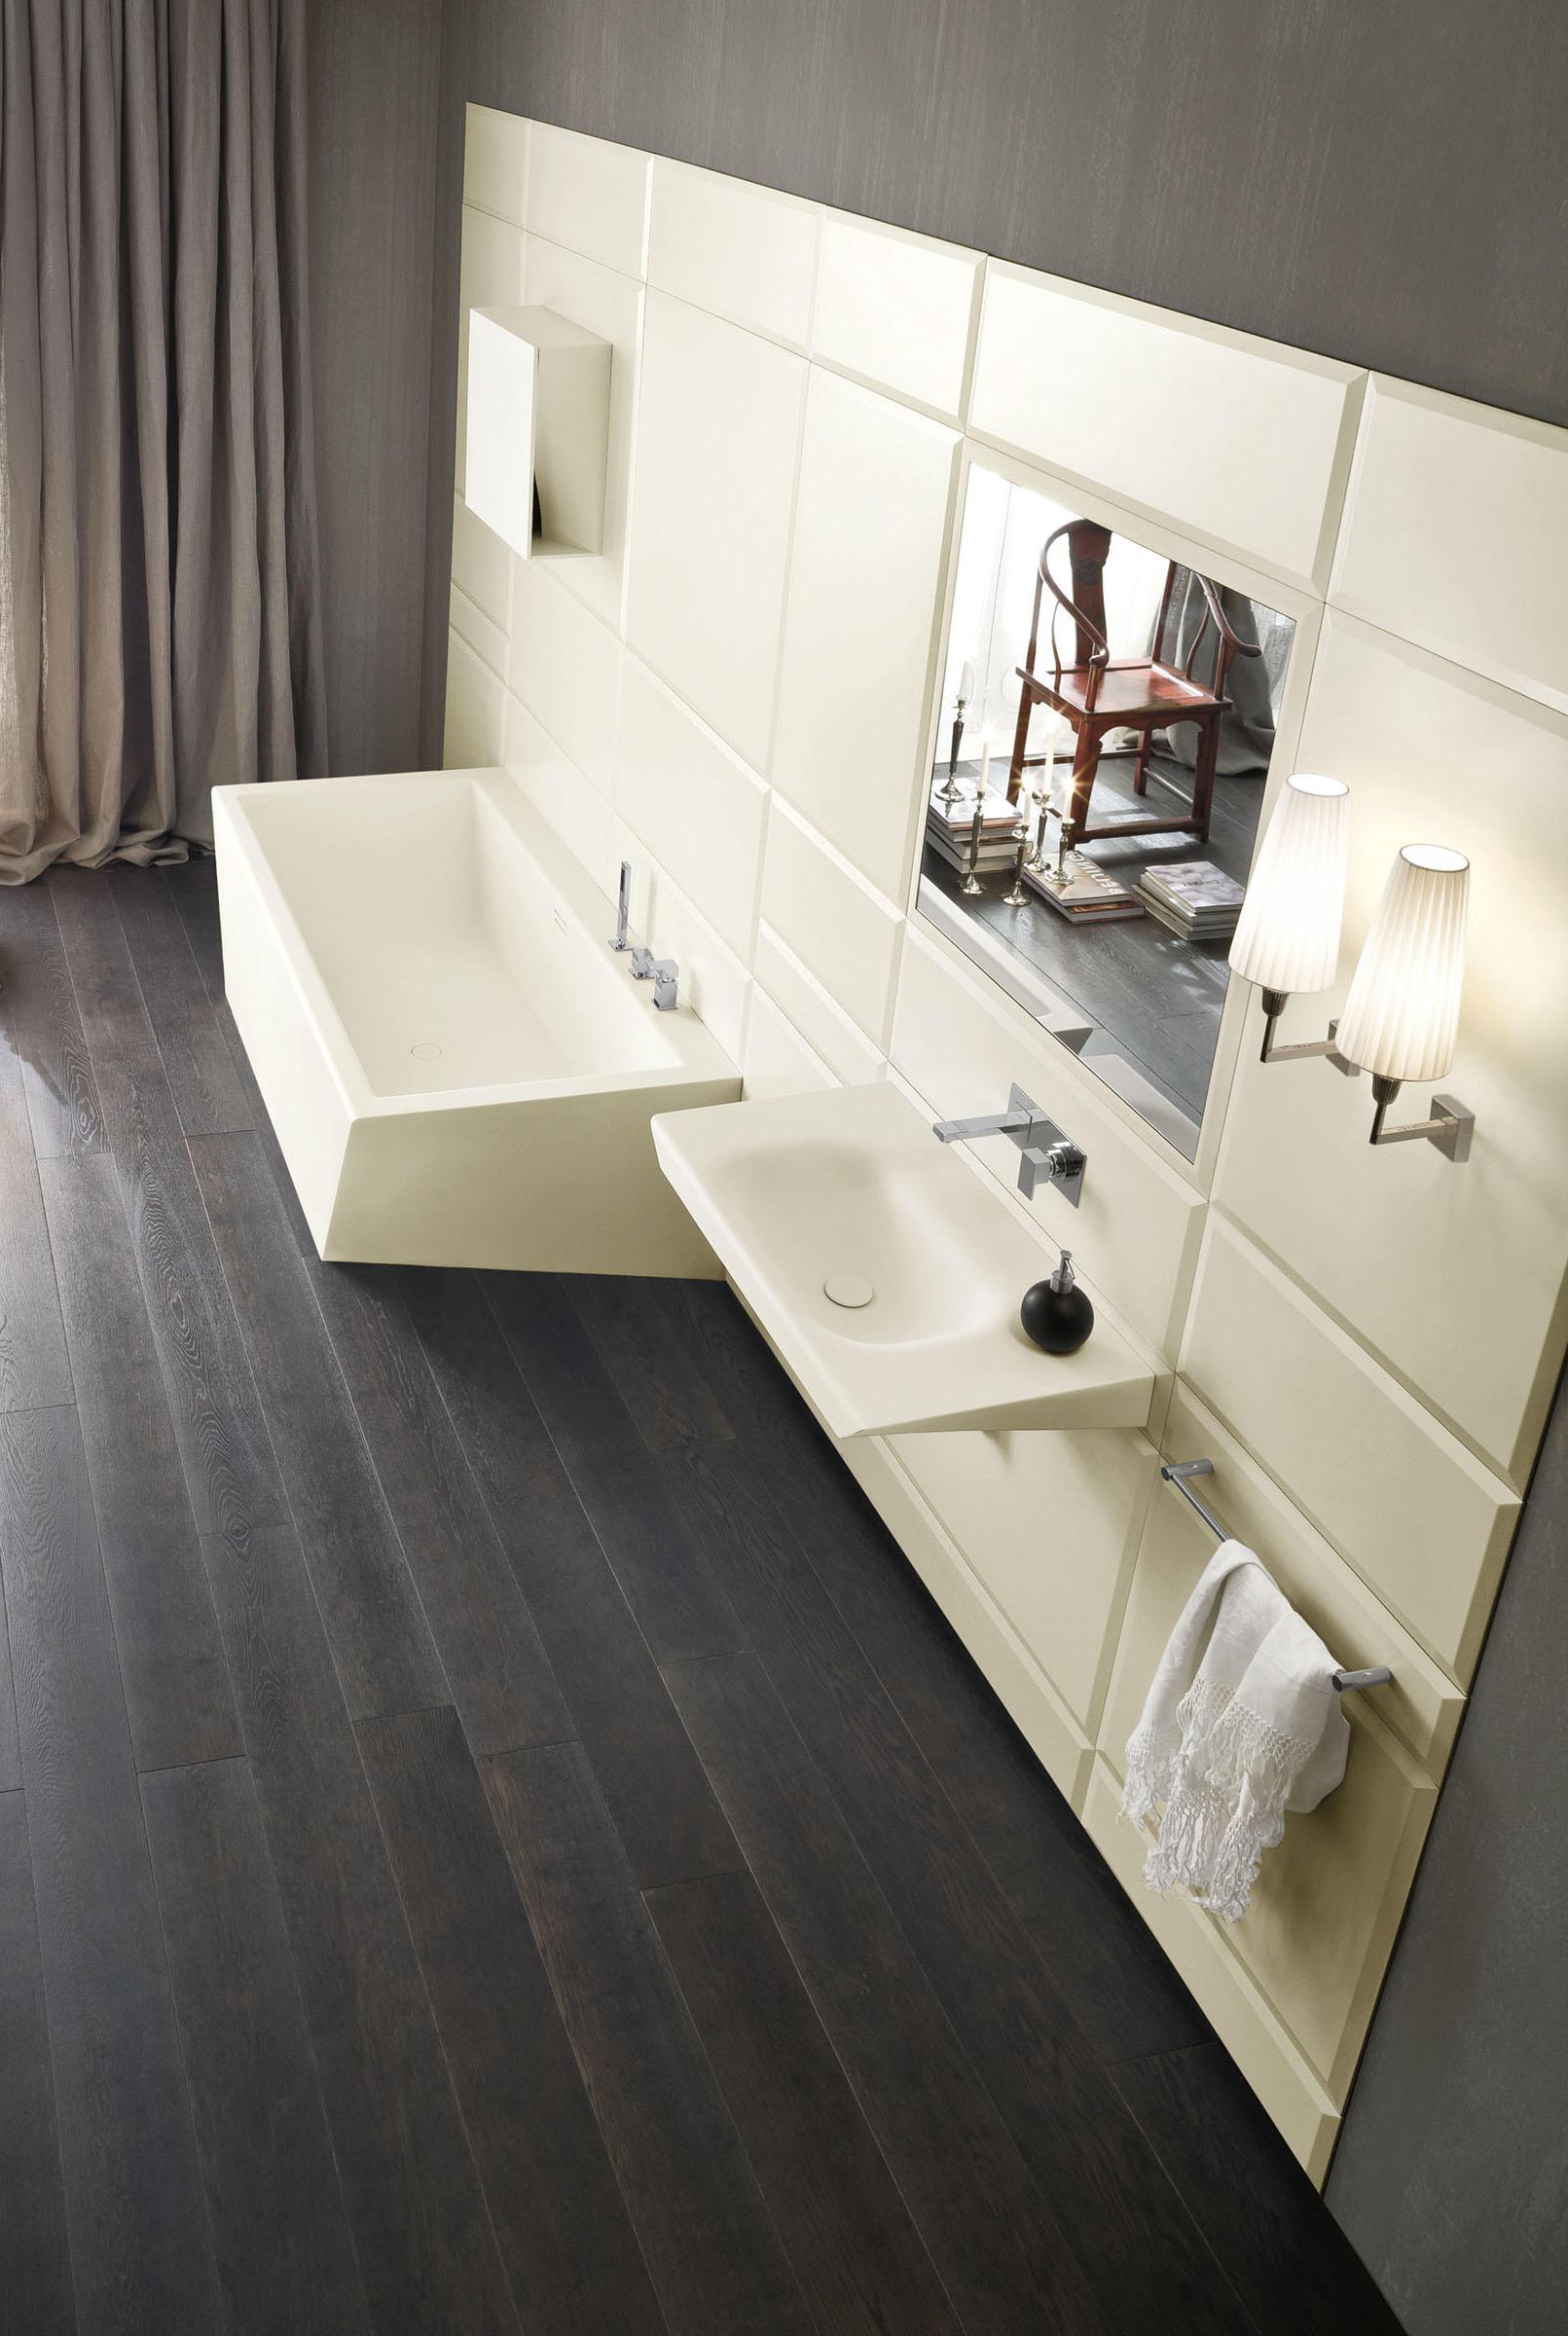 warp platte mit integriertem waschbecken waschtische von. Black Bedroom Furniture Sets. Home Design Ideas